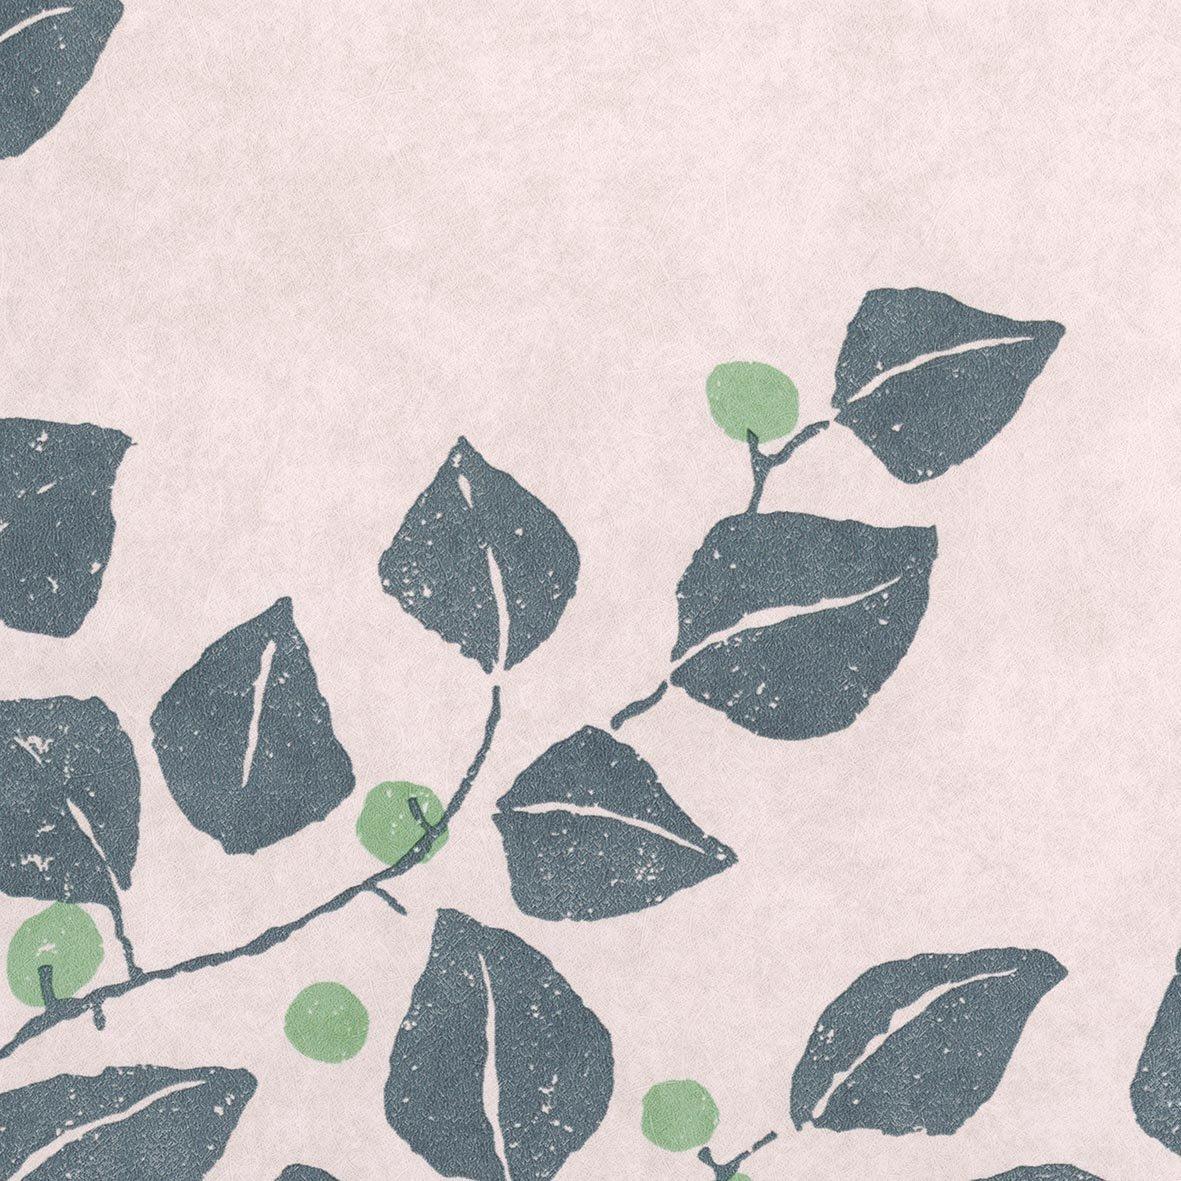 リリカラ 壁紙22m ナチュラル 花柄 パープル 竹久夢二の壁紙 Re;foRm LW-2520 パープル 22m 22mパープル B07612M6NV